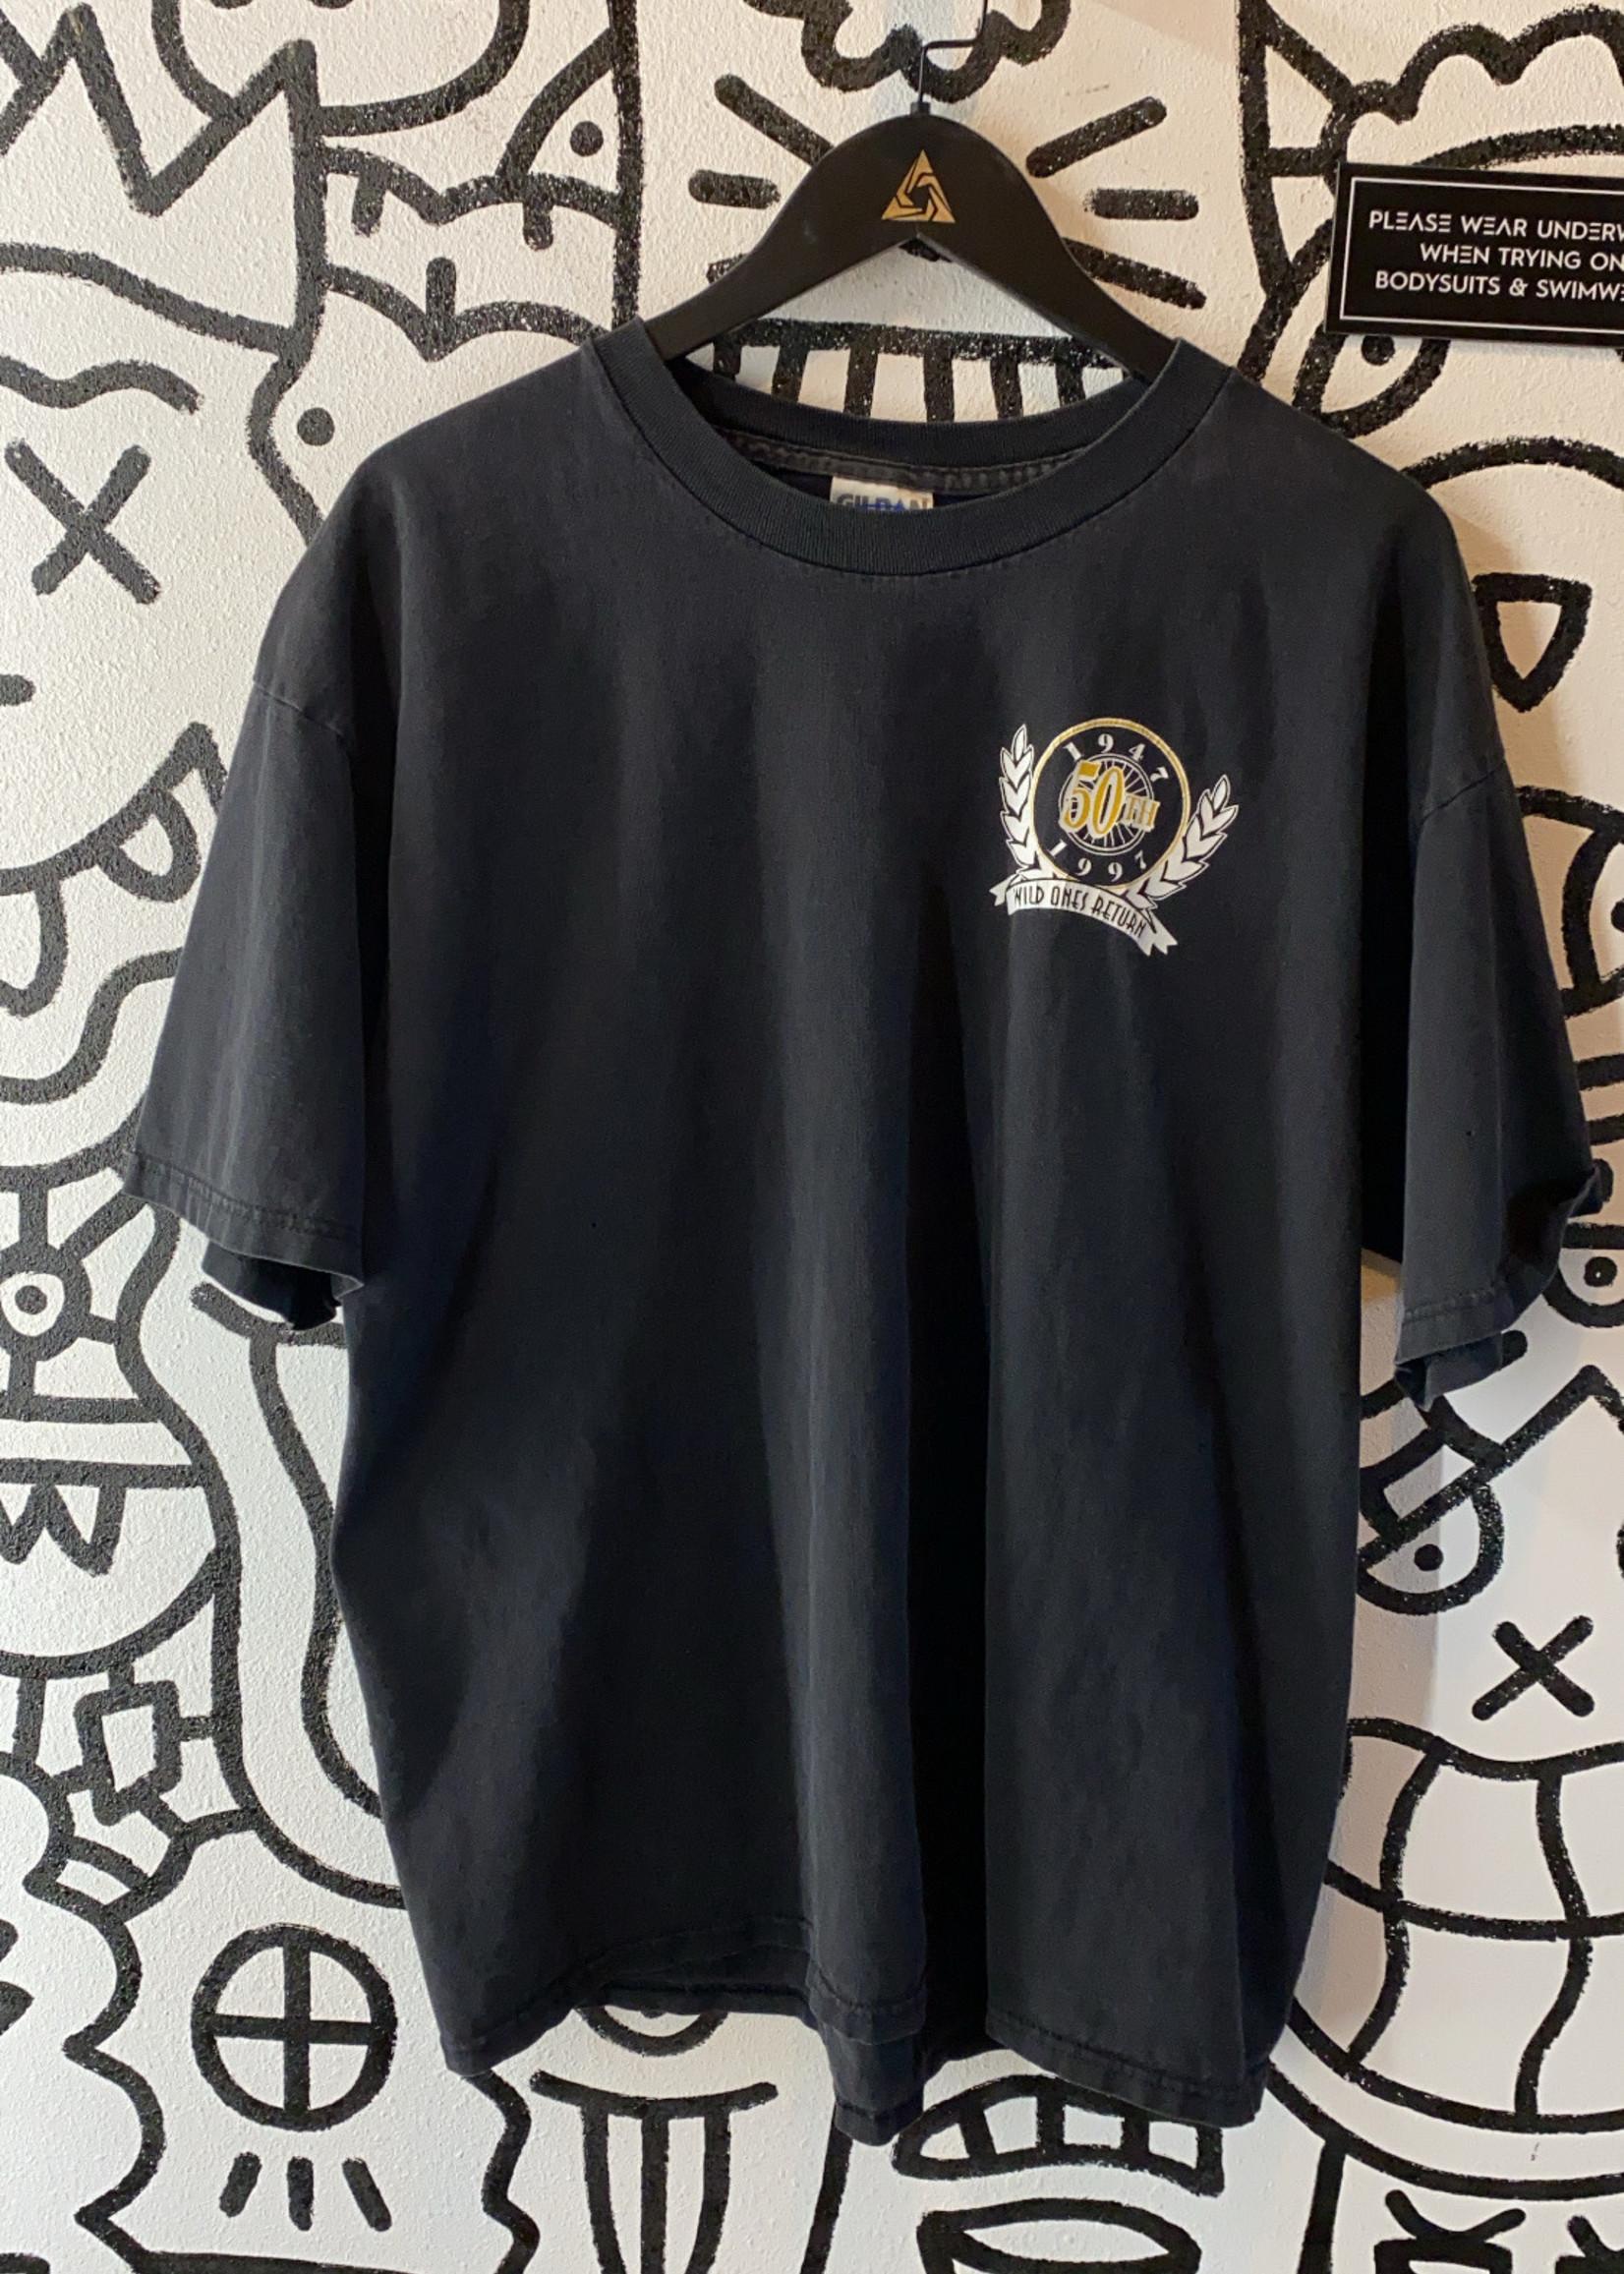 Vintage 1997 Wild ones return Shirt XL